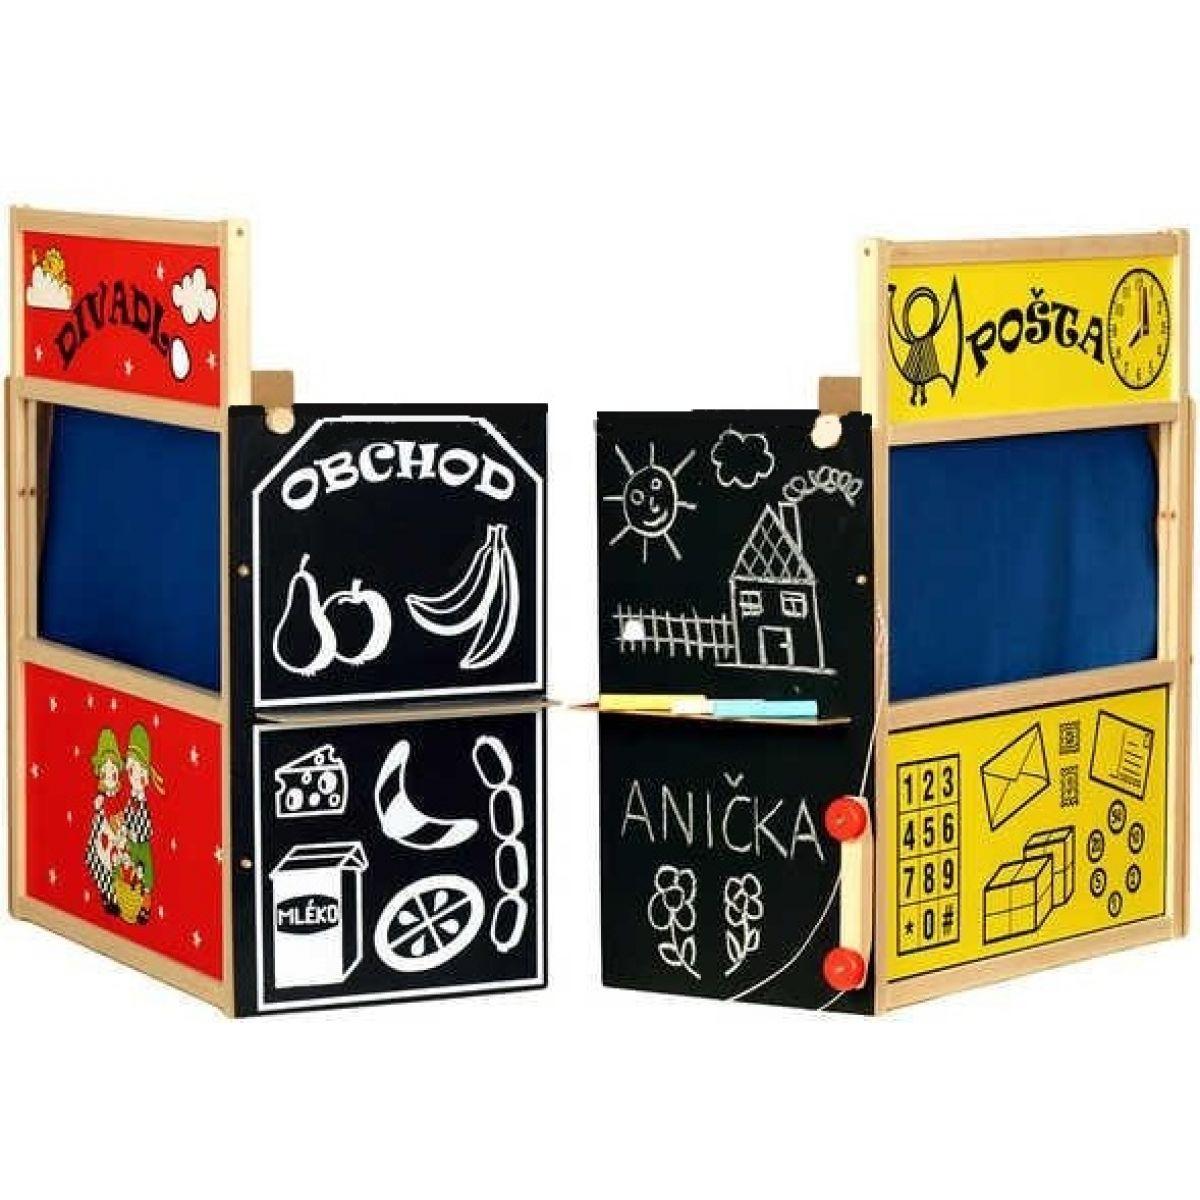 Dřevěná čtyřkombinace divadlo pošta obchod a tabulka